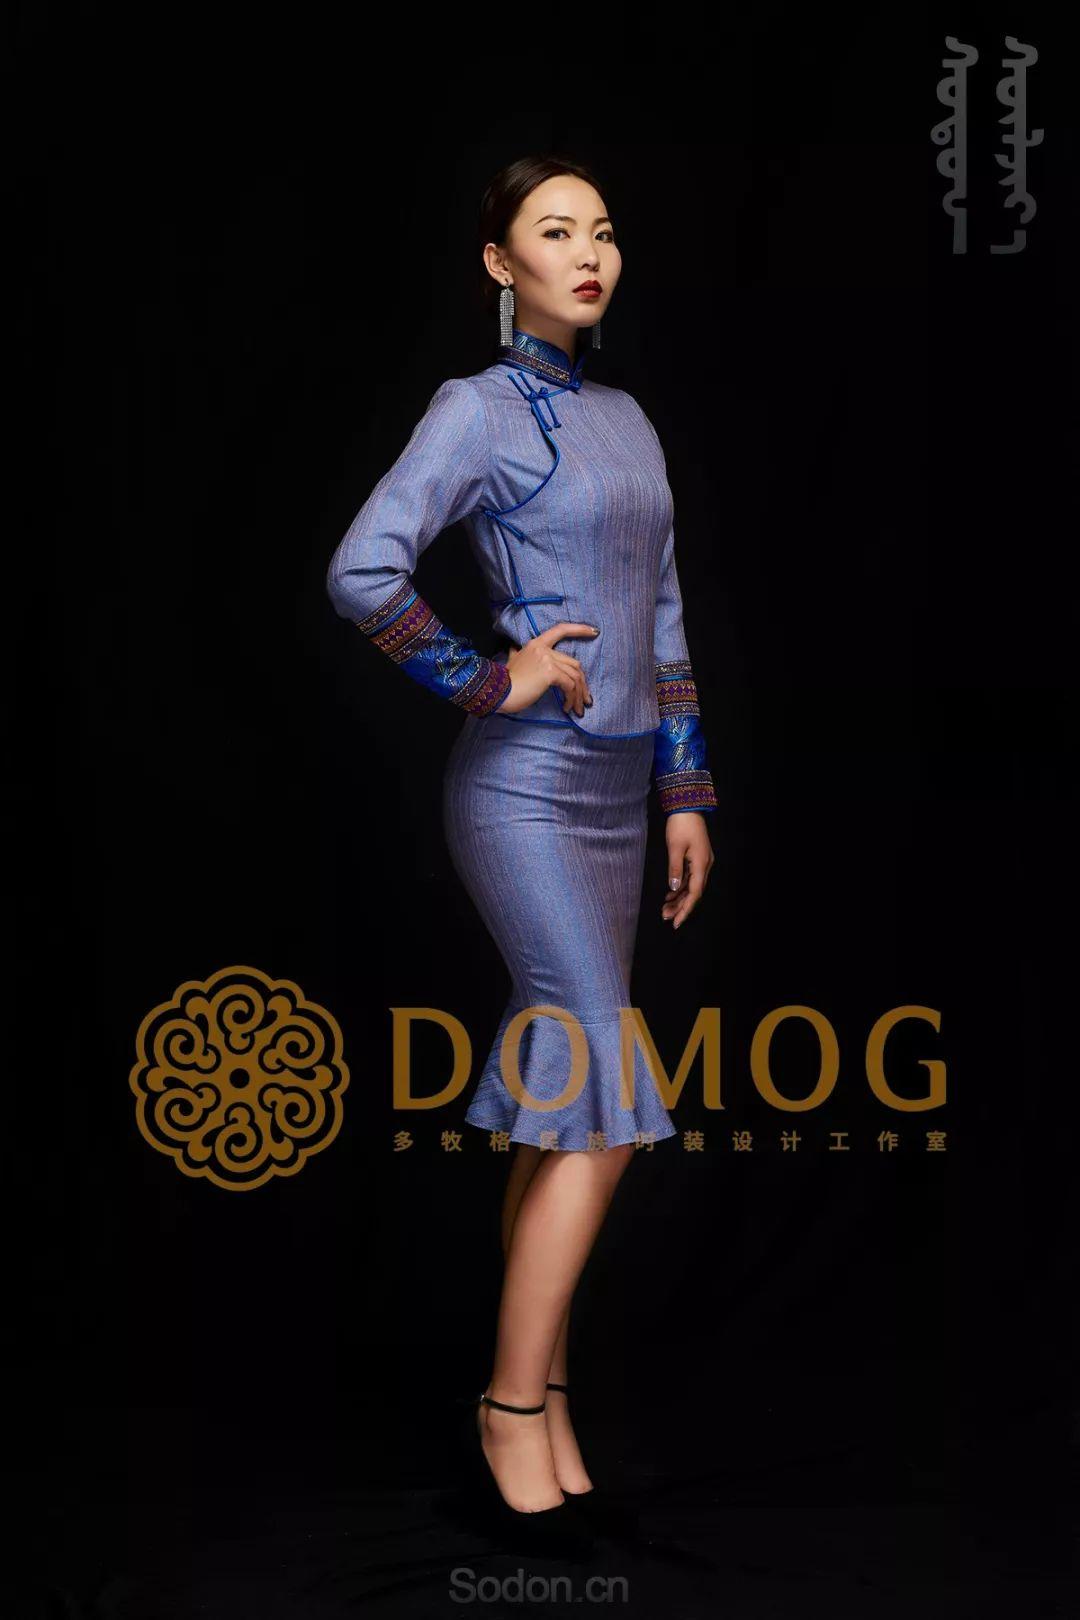 DOMOG蒙古时装绝美秋冬款系列,美出新高度! 第34张